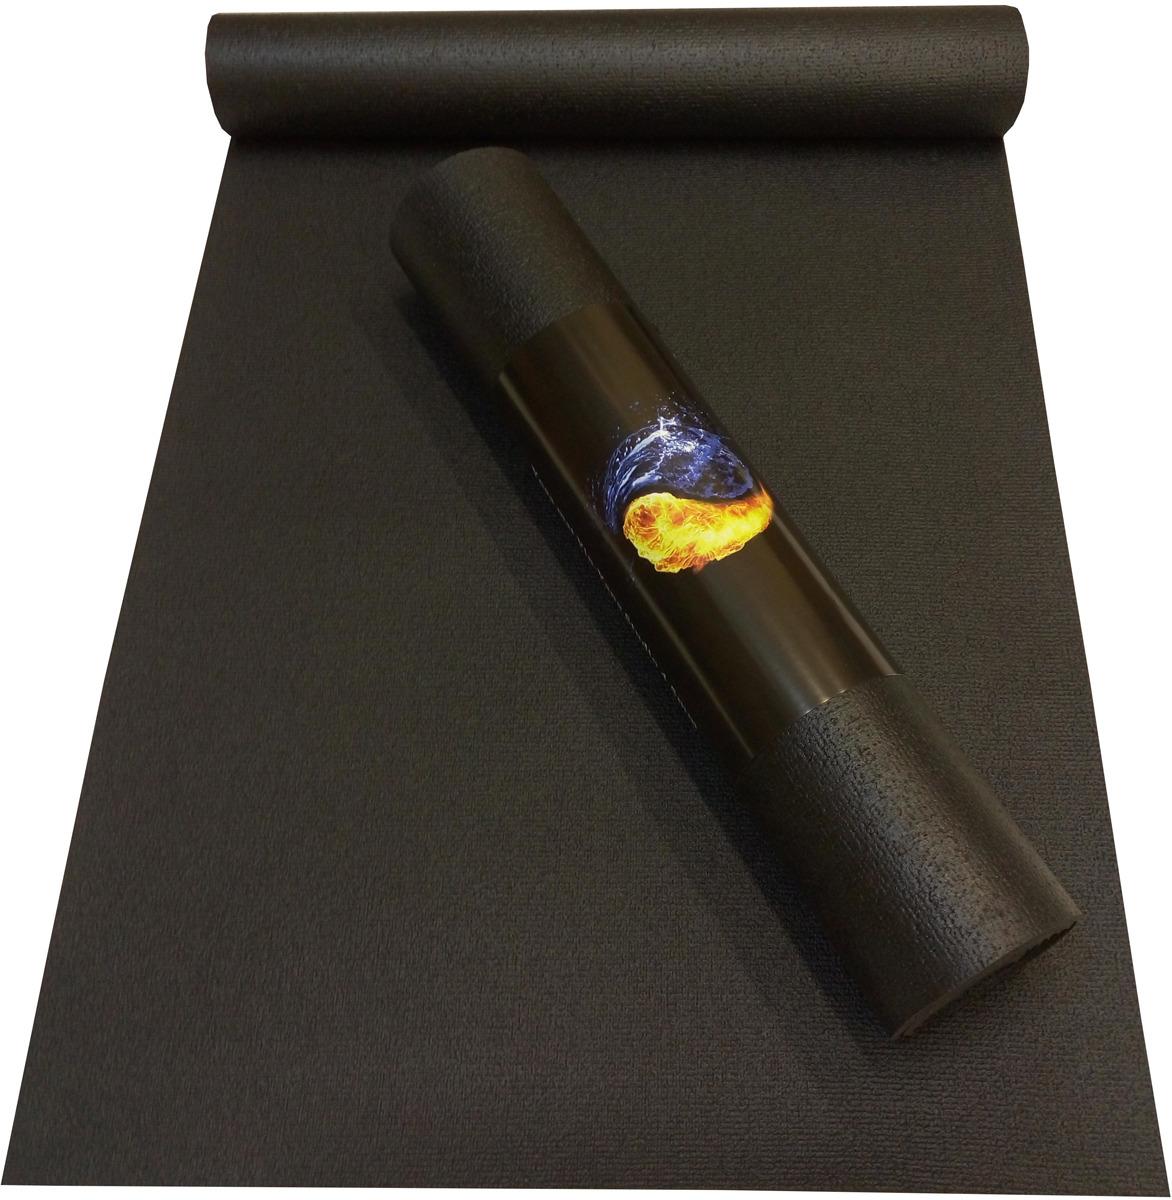 Коврик для йоги Ako-Yoga Yin-Yang Studio, цвет: черный, 220 х 80 см цена 2017